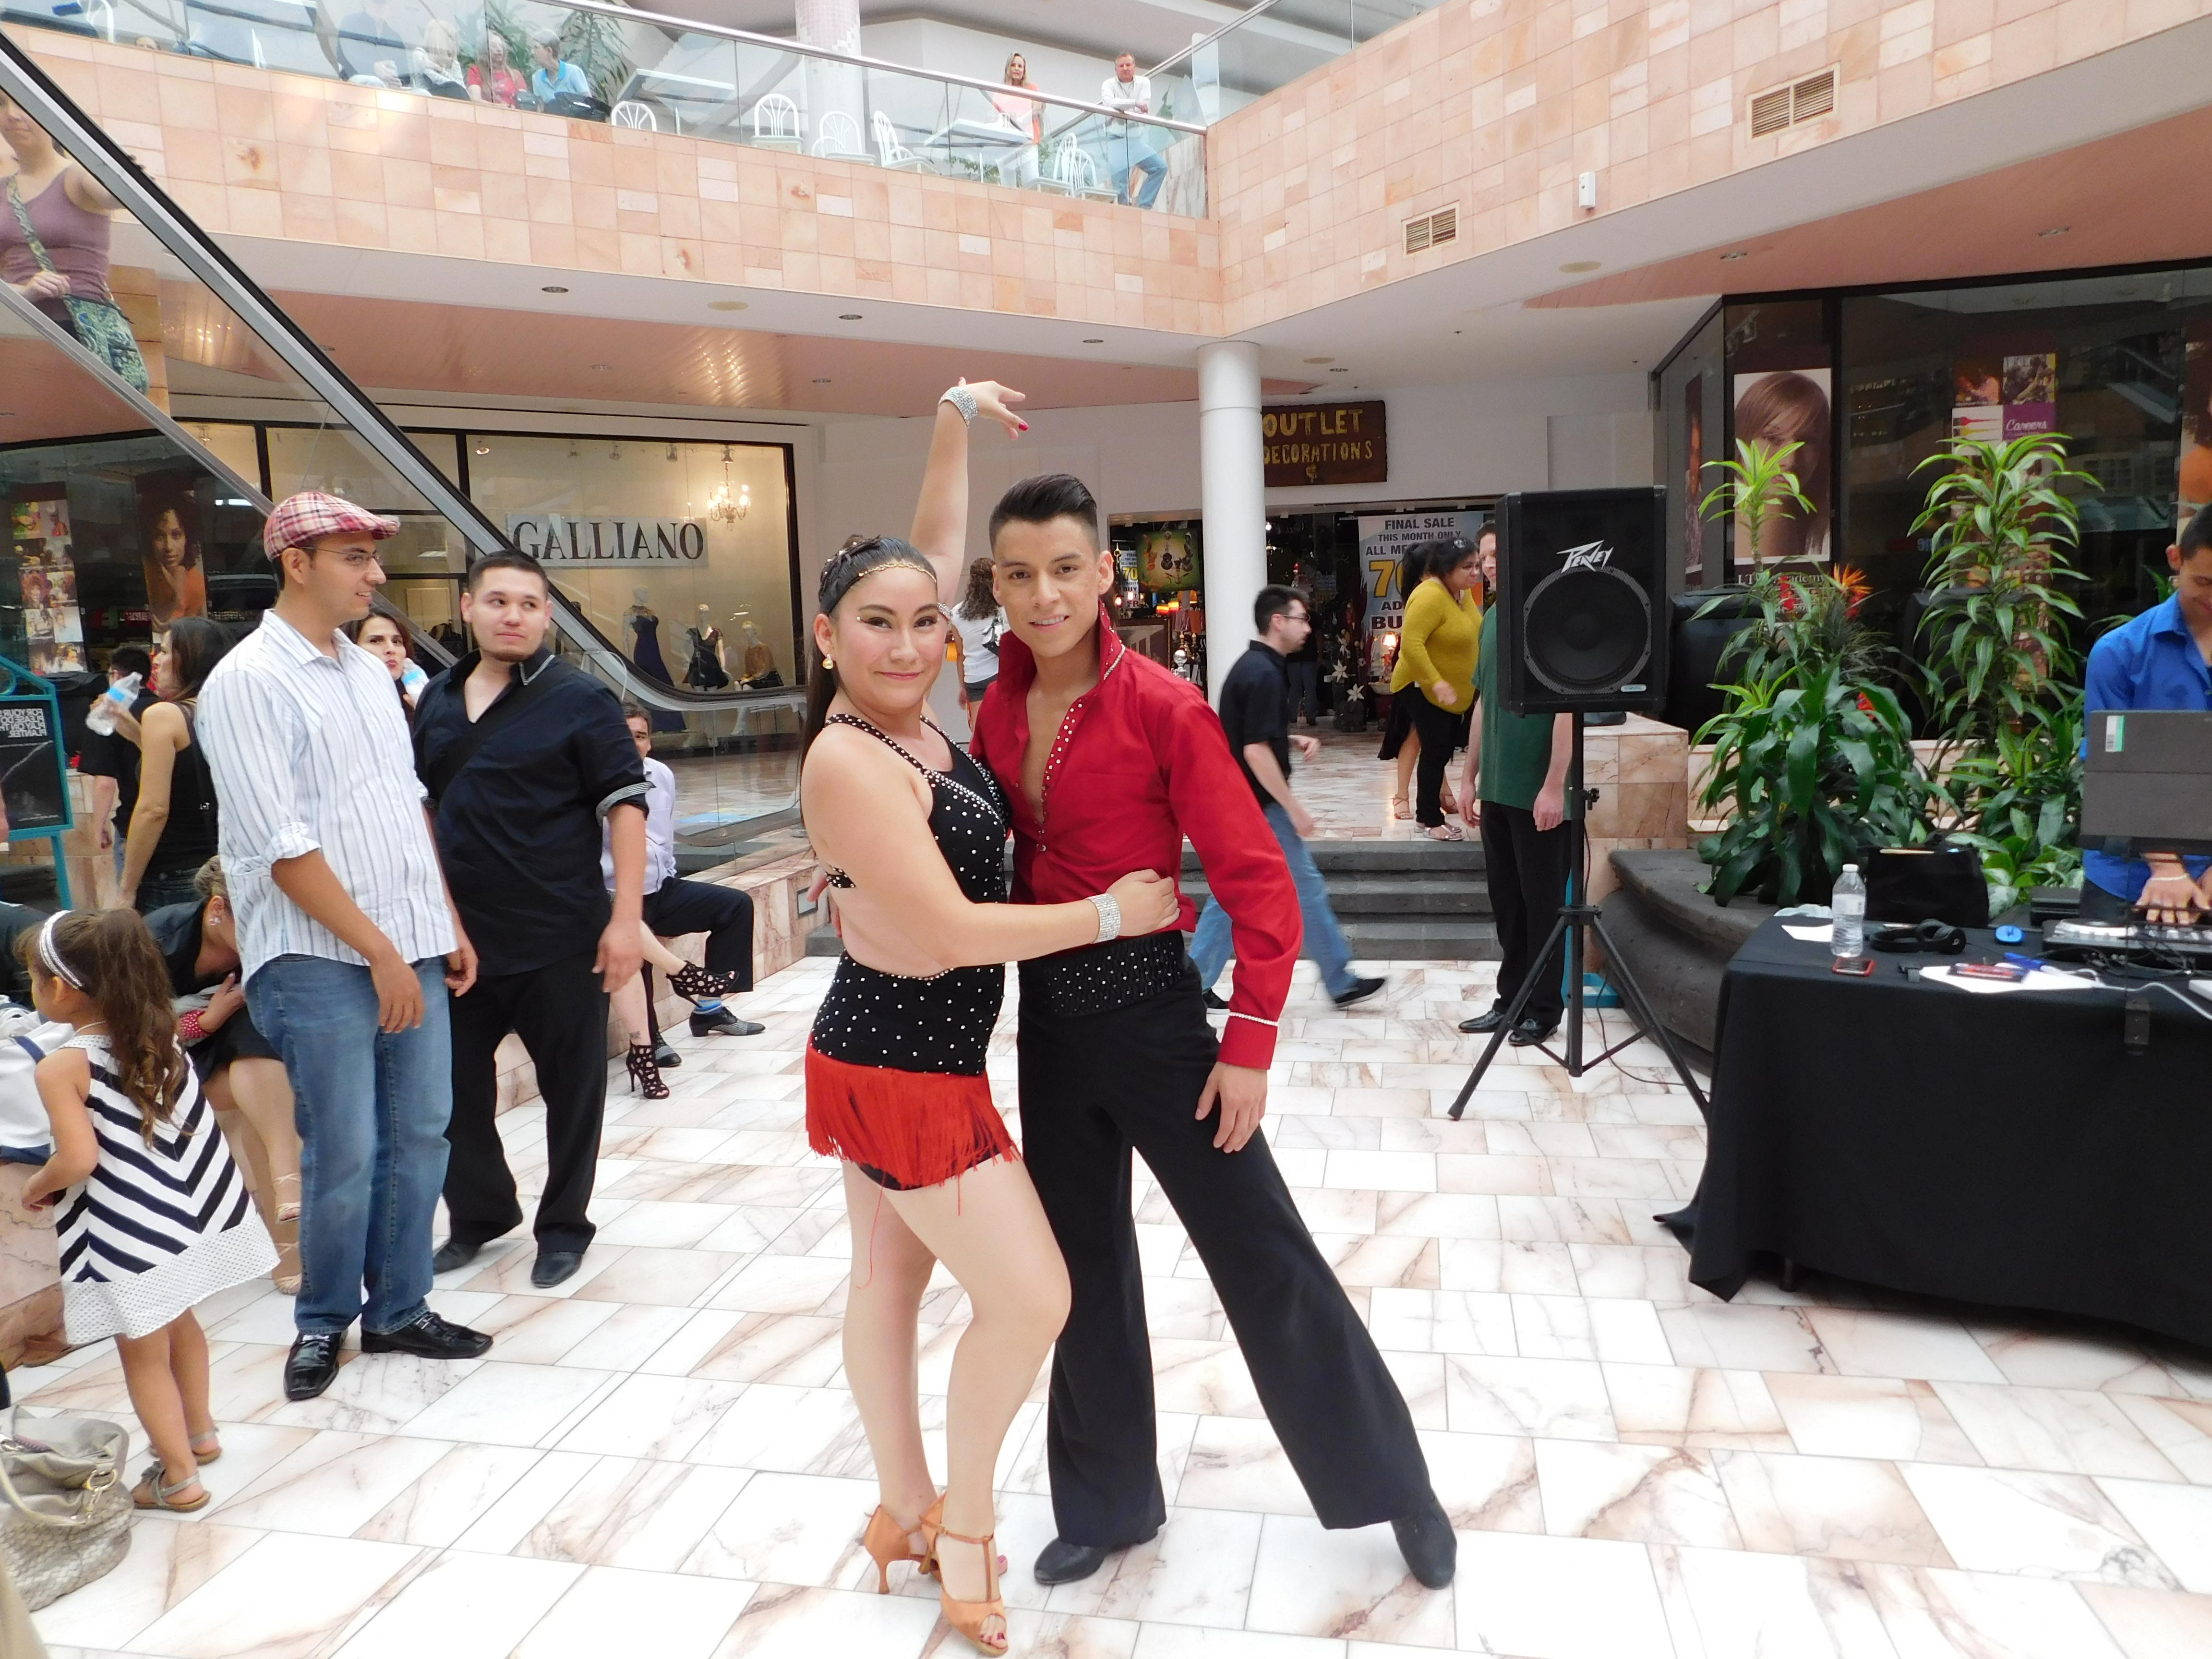 El Paso Dance Academy